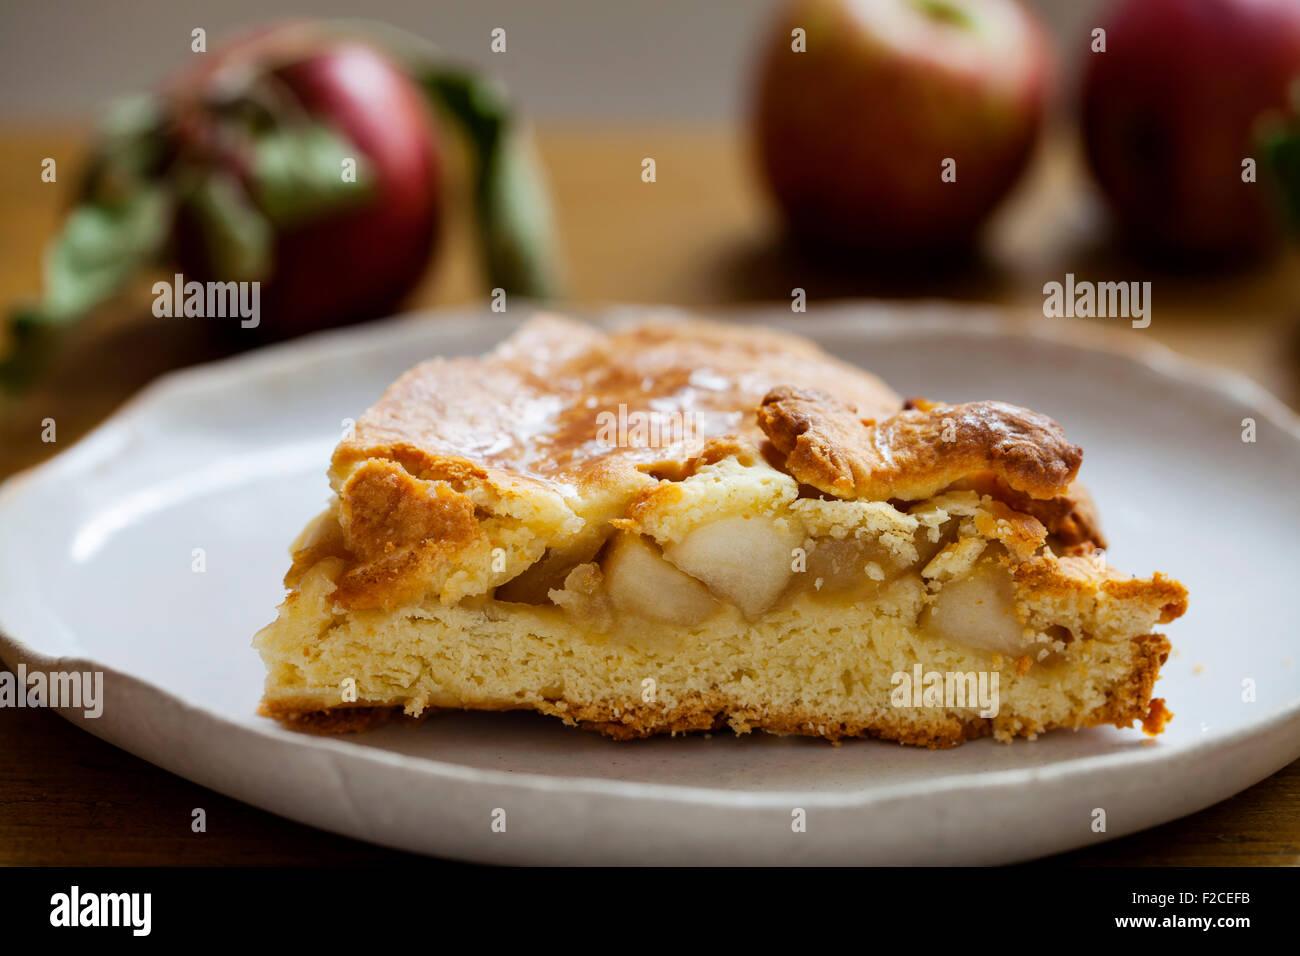 Kuchen Obst Stockfotos Kuchen Obst Bilder Alamy